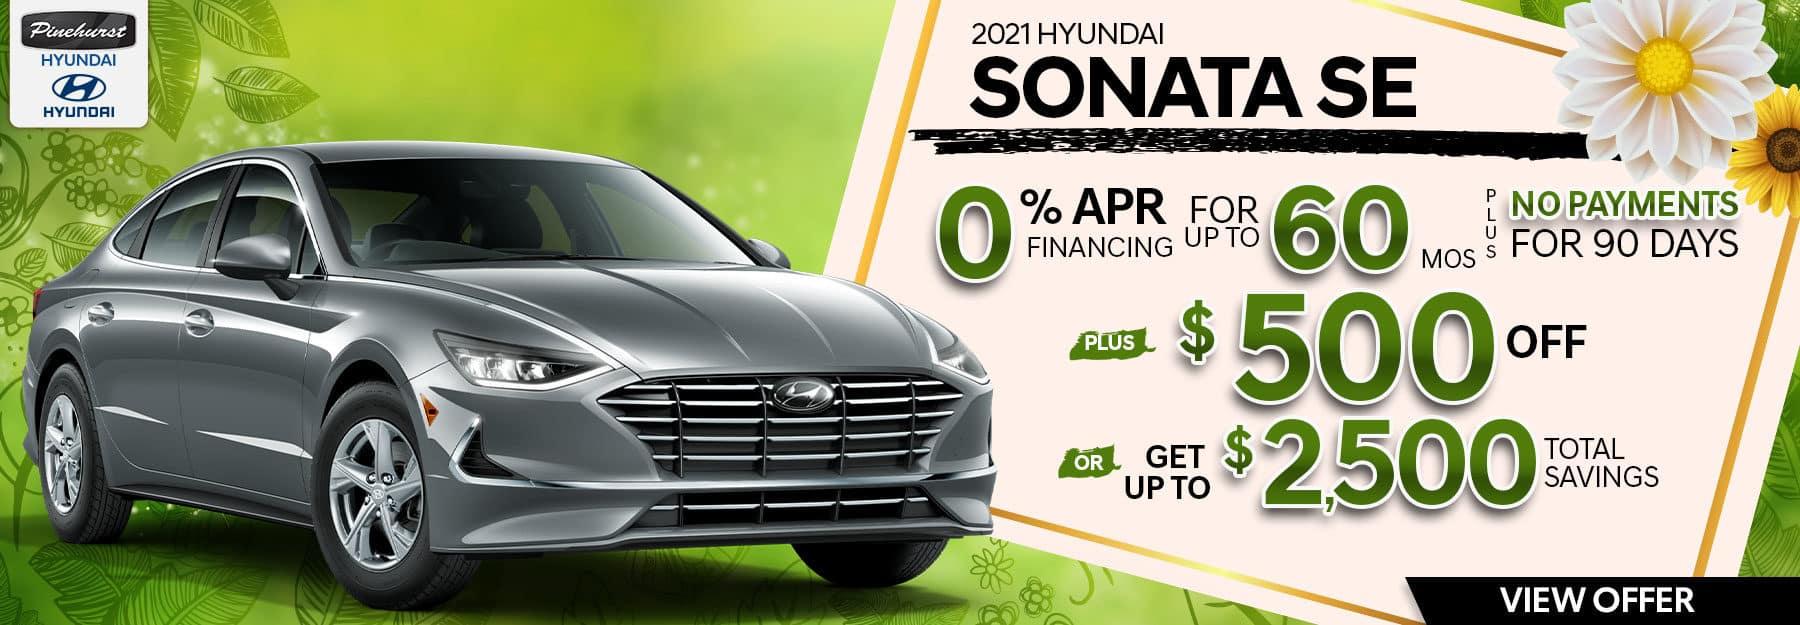 PIHY85413-01-April-Campaign-Slides-sonata